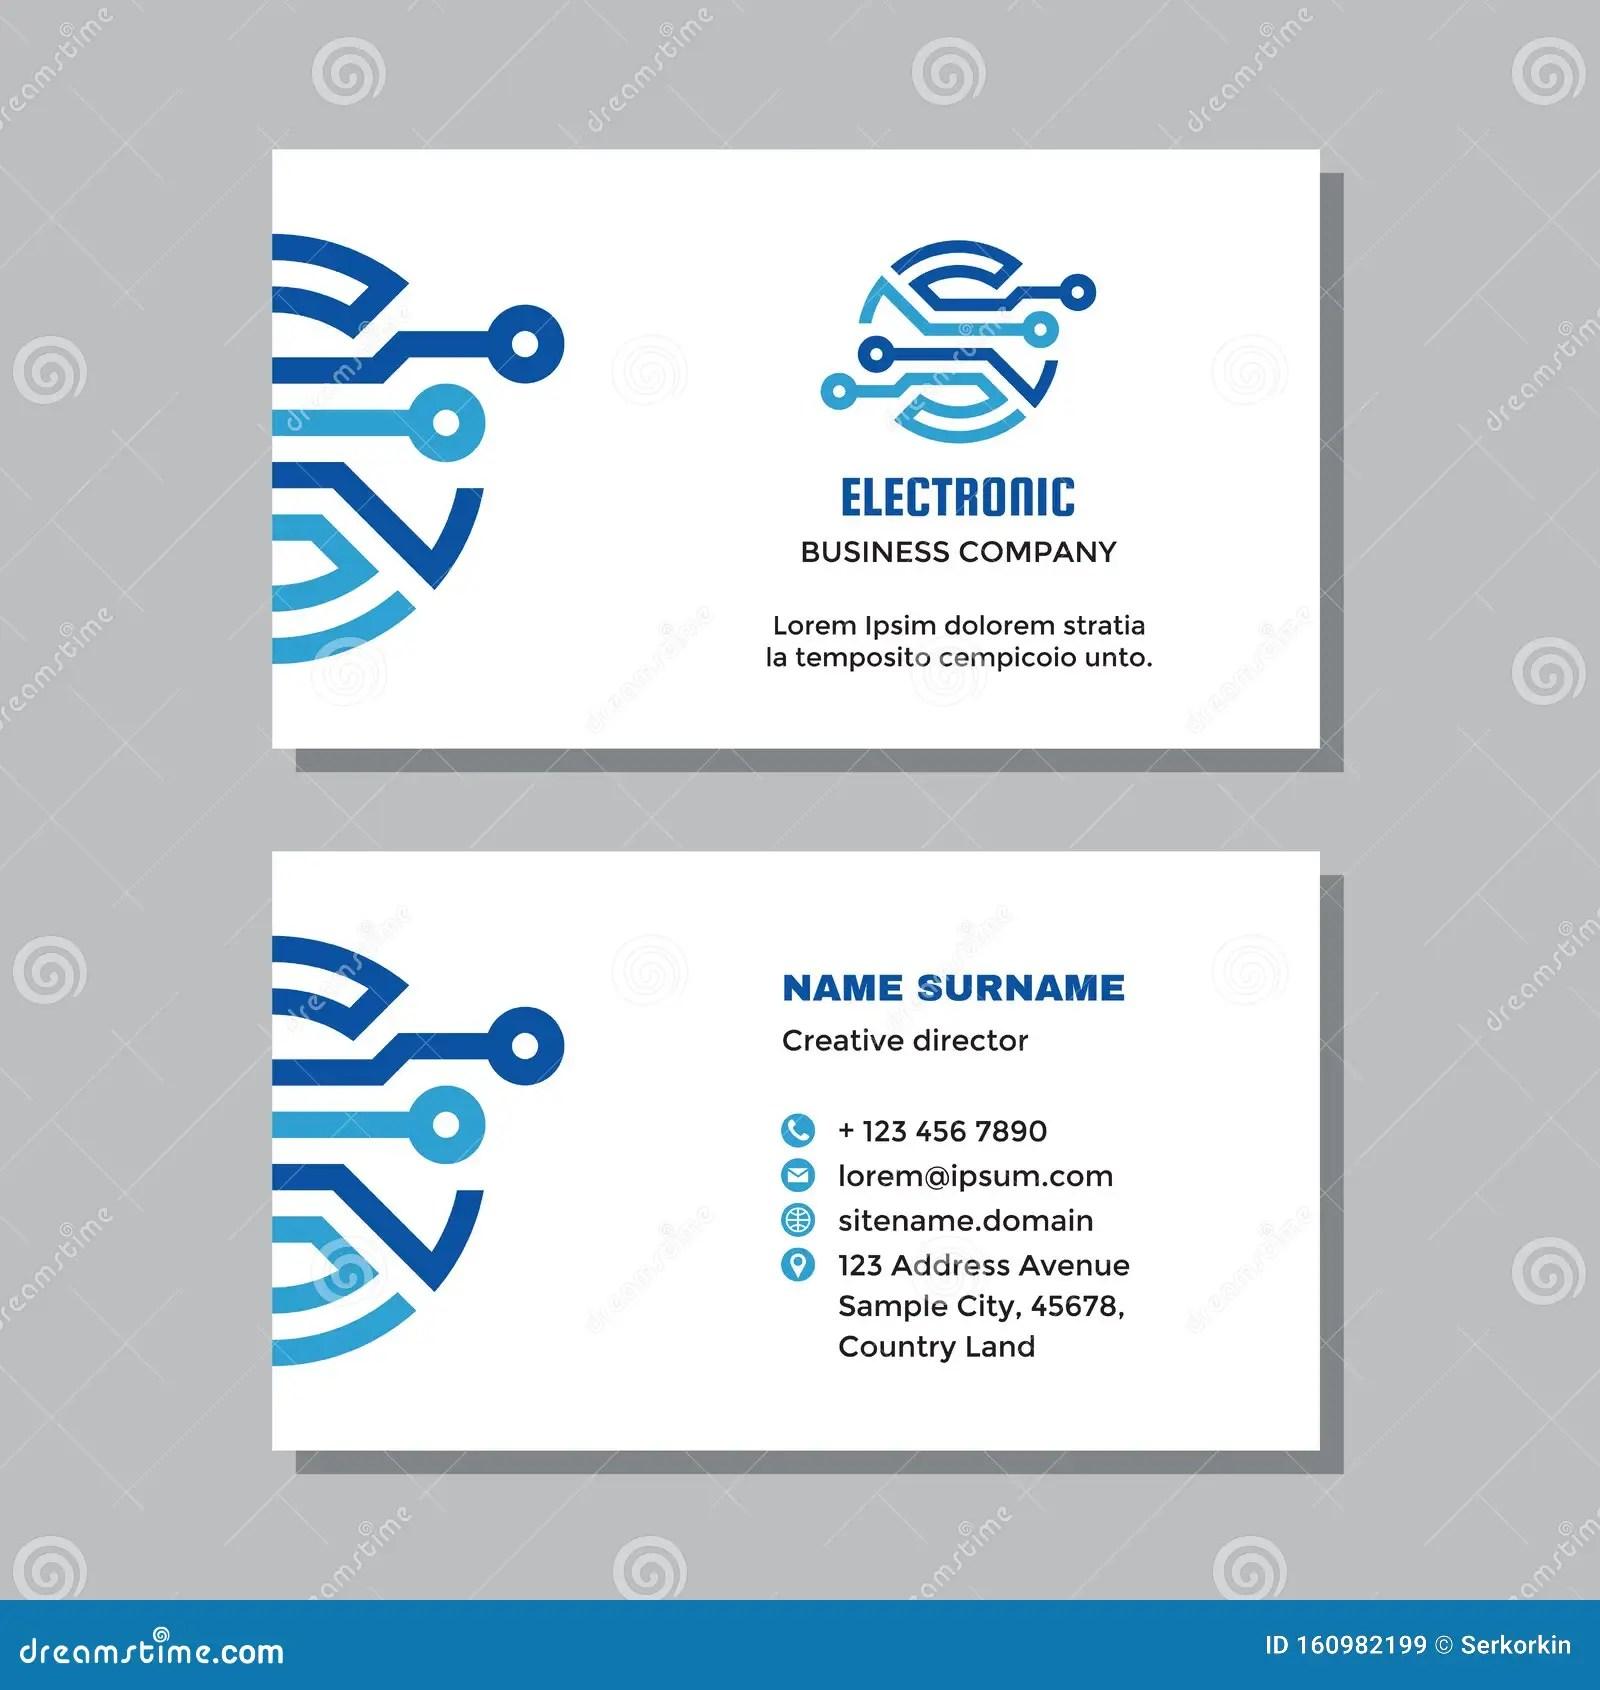 Enterprise ecommerce platform for unique projects. Modelo De Cartao De Visita De Empresa Com Logotipo Projeto De Conceito Tecnologia Digital De Computador De Rede Assinatura Elet Ilustracao Do Vetor Ilustracao De Folheto Companhia 160982199